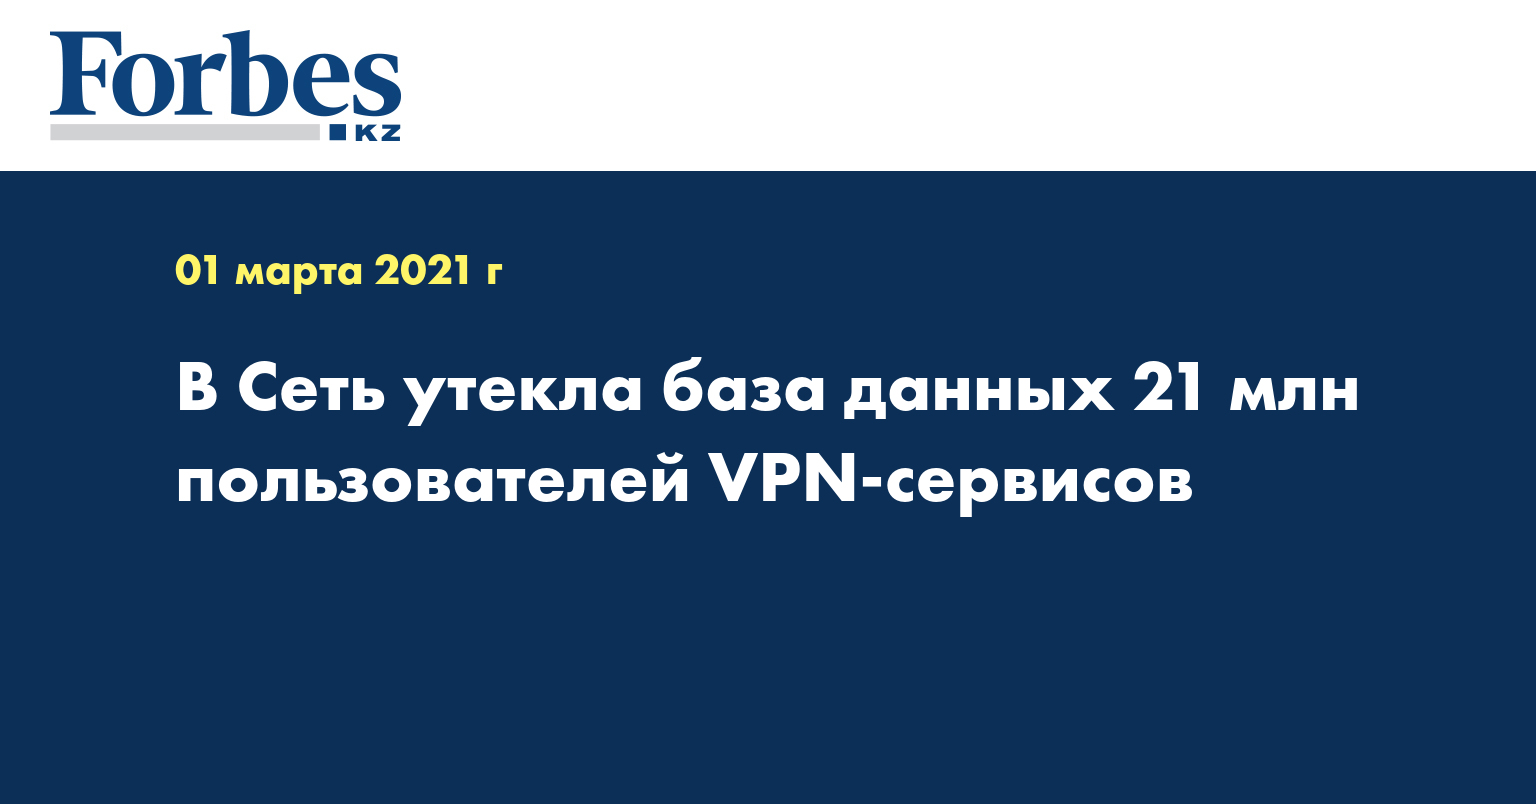 В Сеть утекла база данных 21 млн пользователей VPN-сервисов